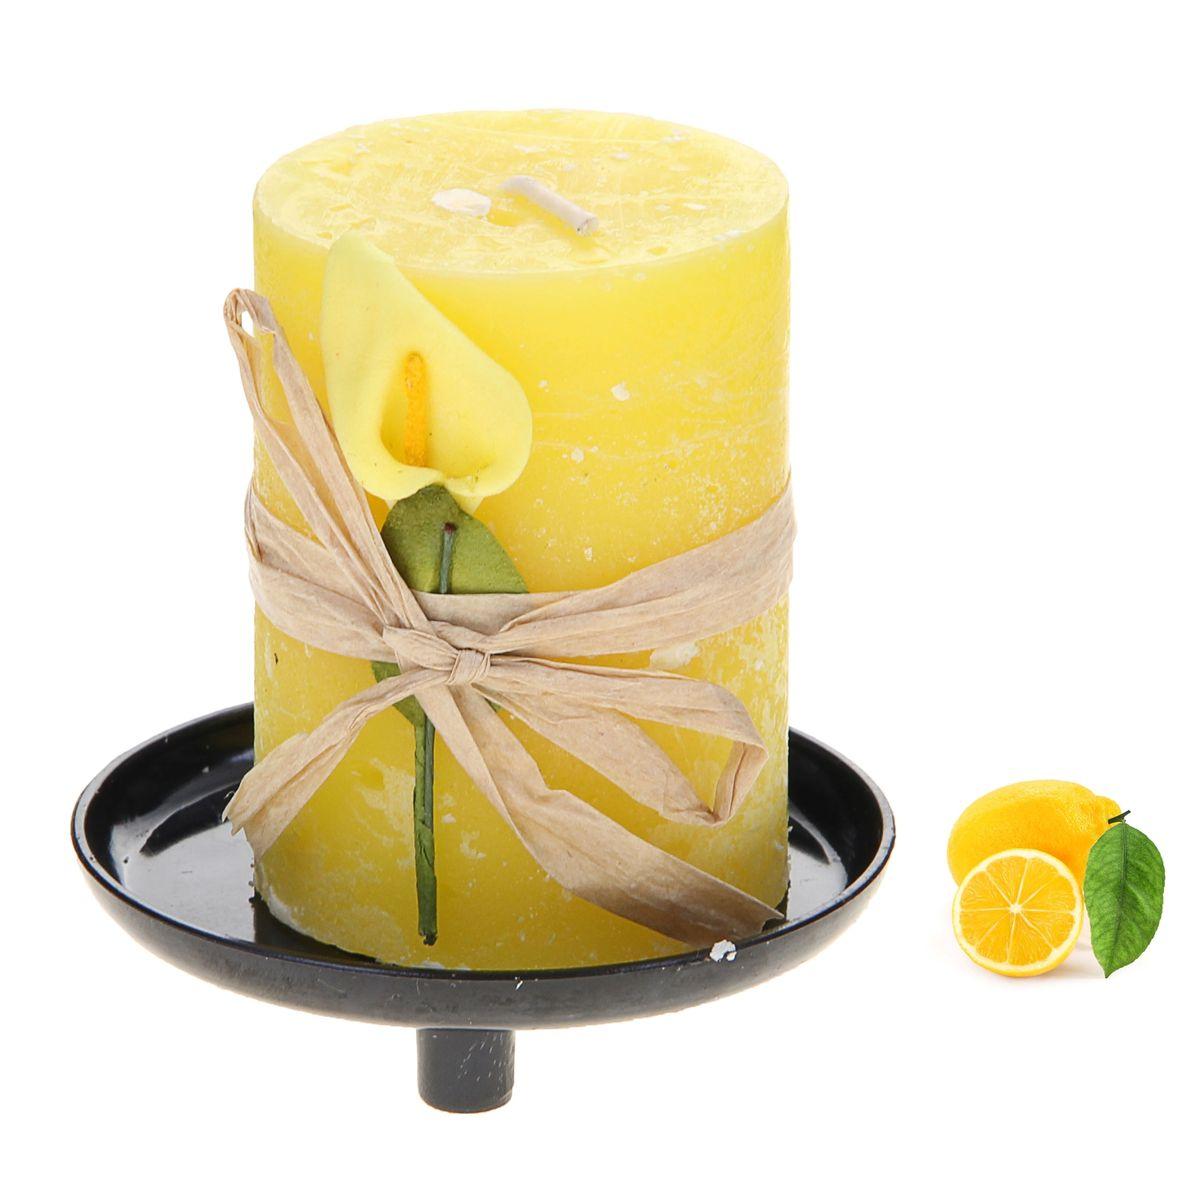 Свеча ароматизированная Sima-land Лимон, на подставке, высота 6 смRG-D31SСвеча Sima-land Лимон выполнена из воска в виде столбика. Свеча порадует ярким дизайном и сочным ароматом лимона, который понравится как женщинам, так и мужчинам. Изделие размещено на оригинальной пластиковой подставке.Создайте для себя и своих близких незабываемую атмосферу праздника в доме. Ароматическая свеча Sima-land Лимон раскрасит серые будни яркими красками.Высота свечи (без учета подставки): 6 см. Высота подставки: 1,5 см.